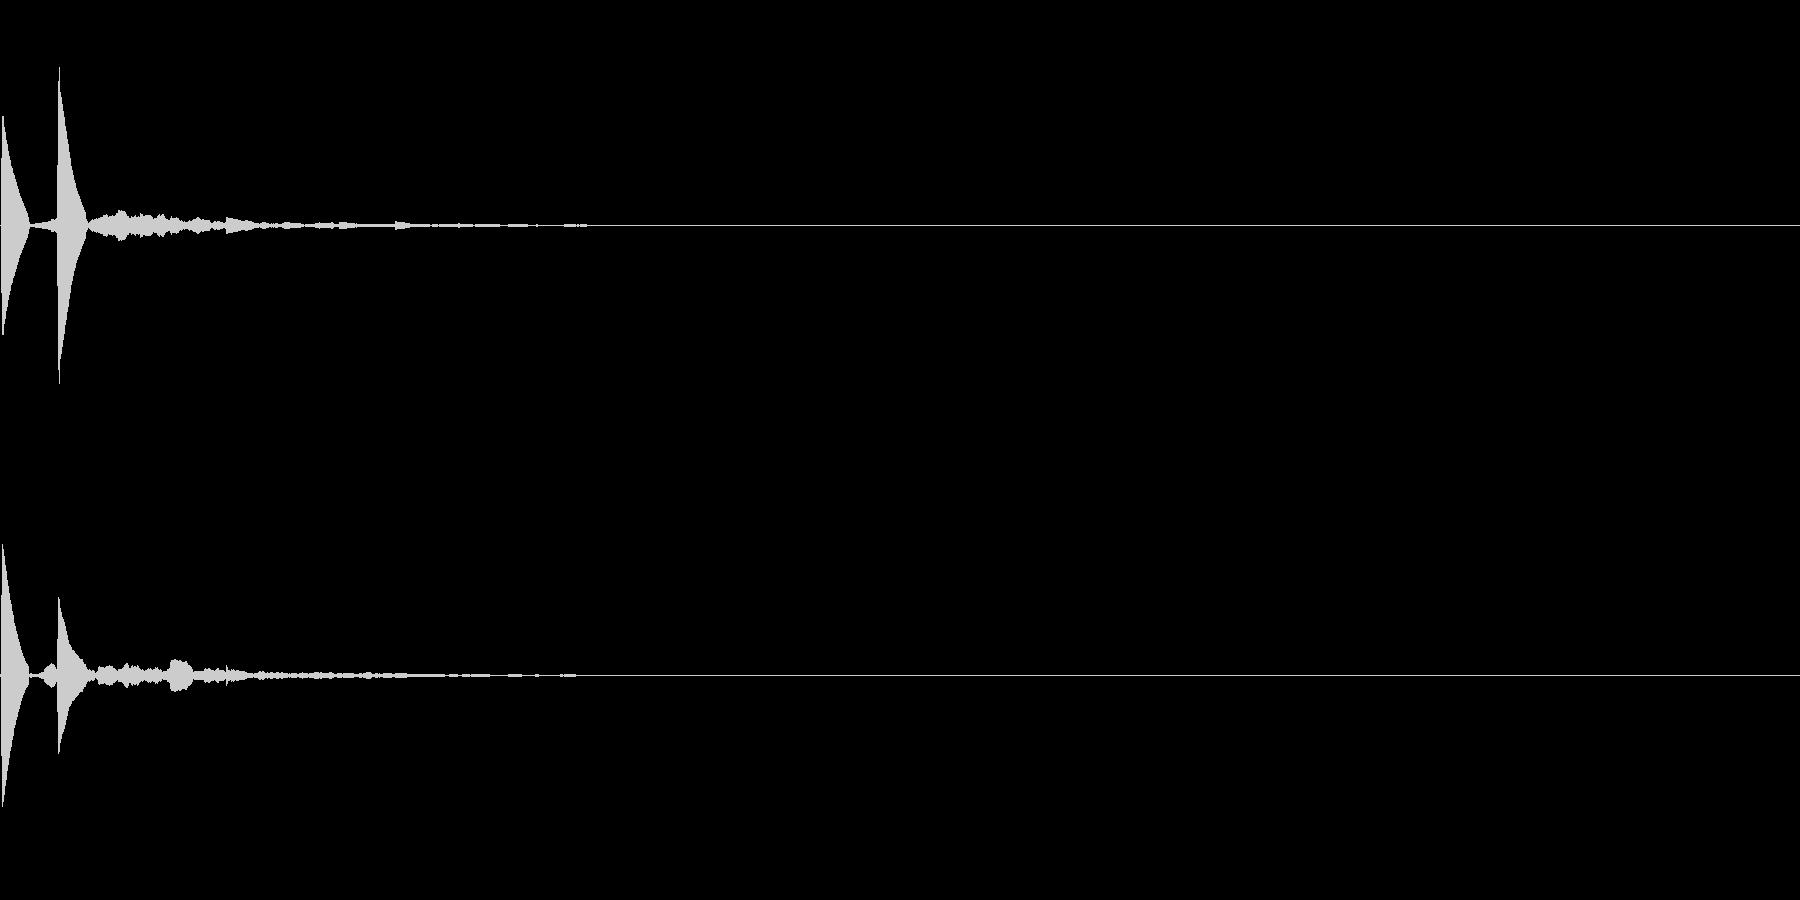 「ピピッ」キッカケ音_04+の未再生の波形